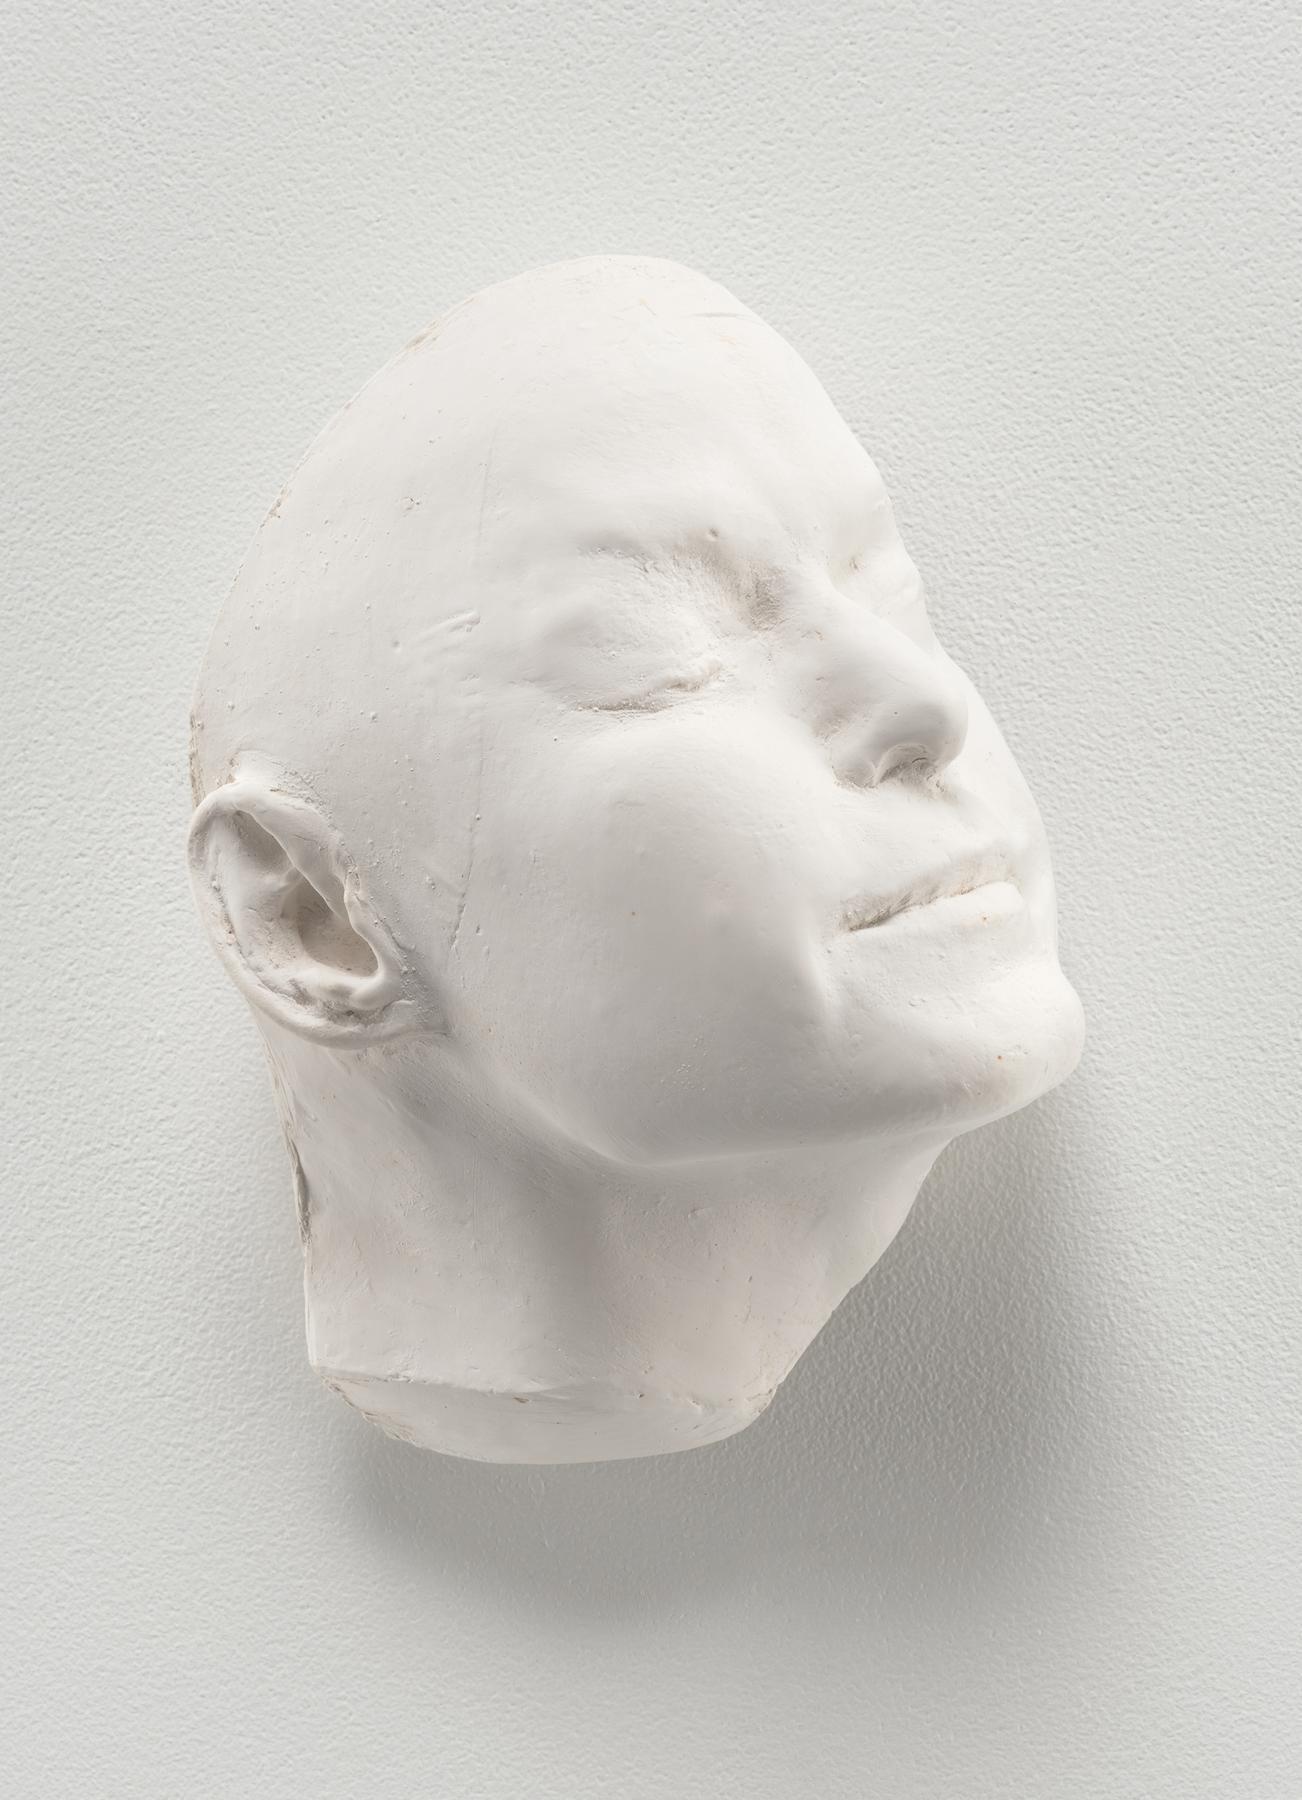 Edmier imagines (Farrah Fawcett (2000), Actor/Artist)